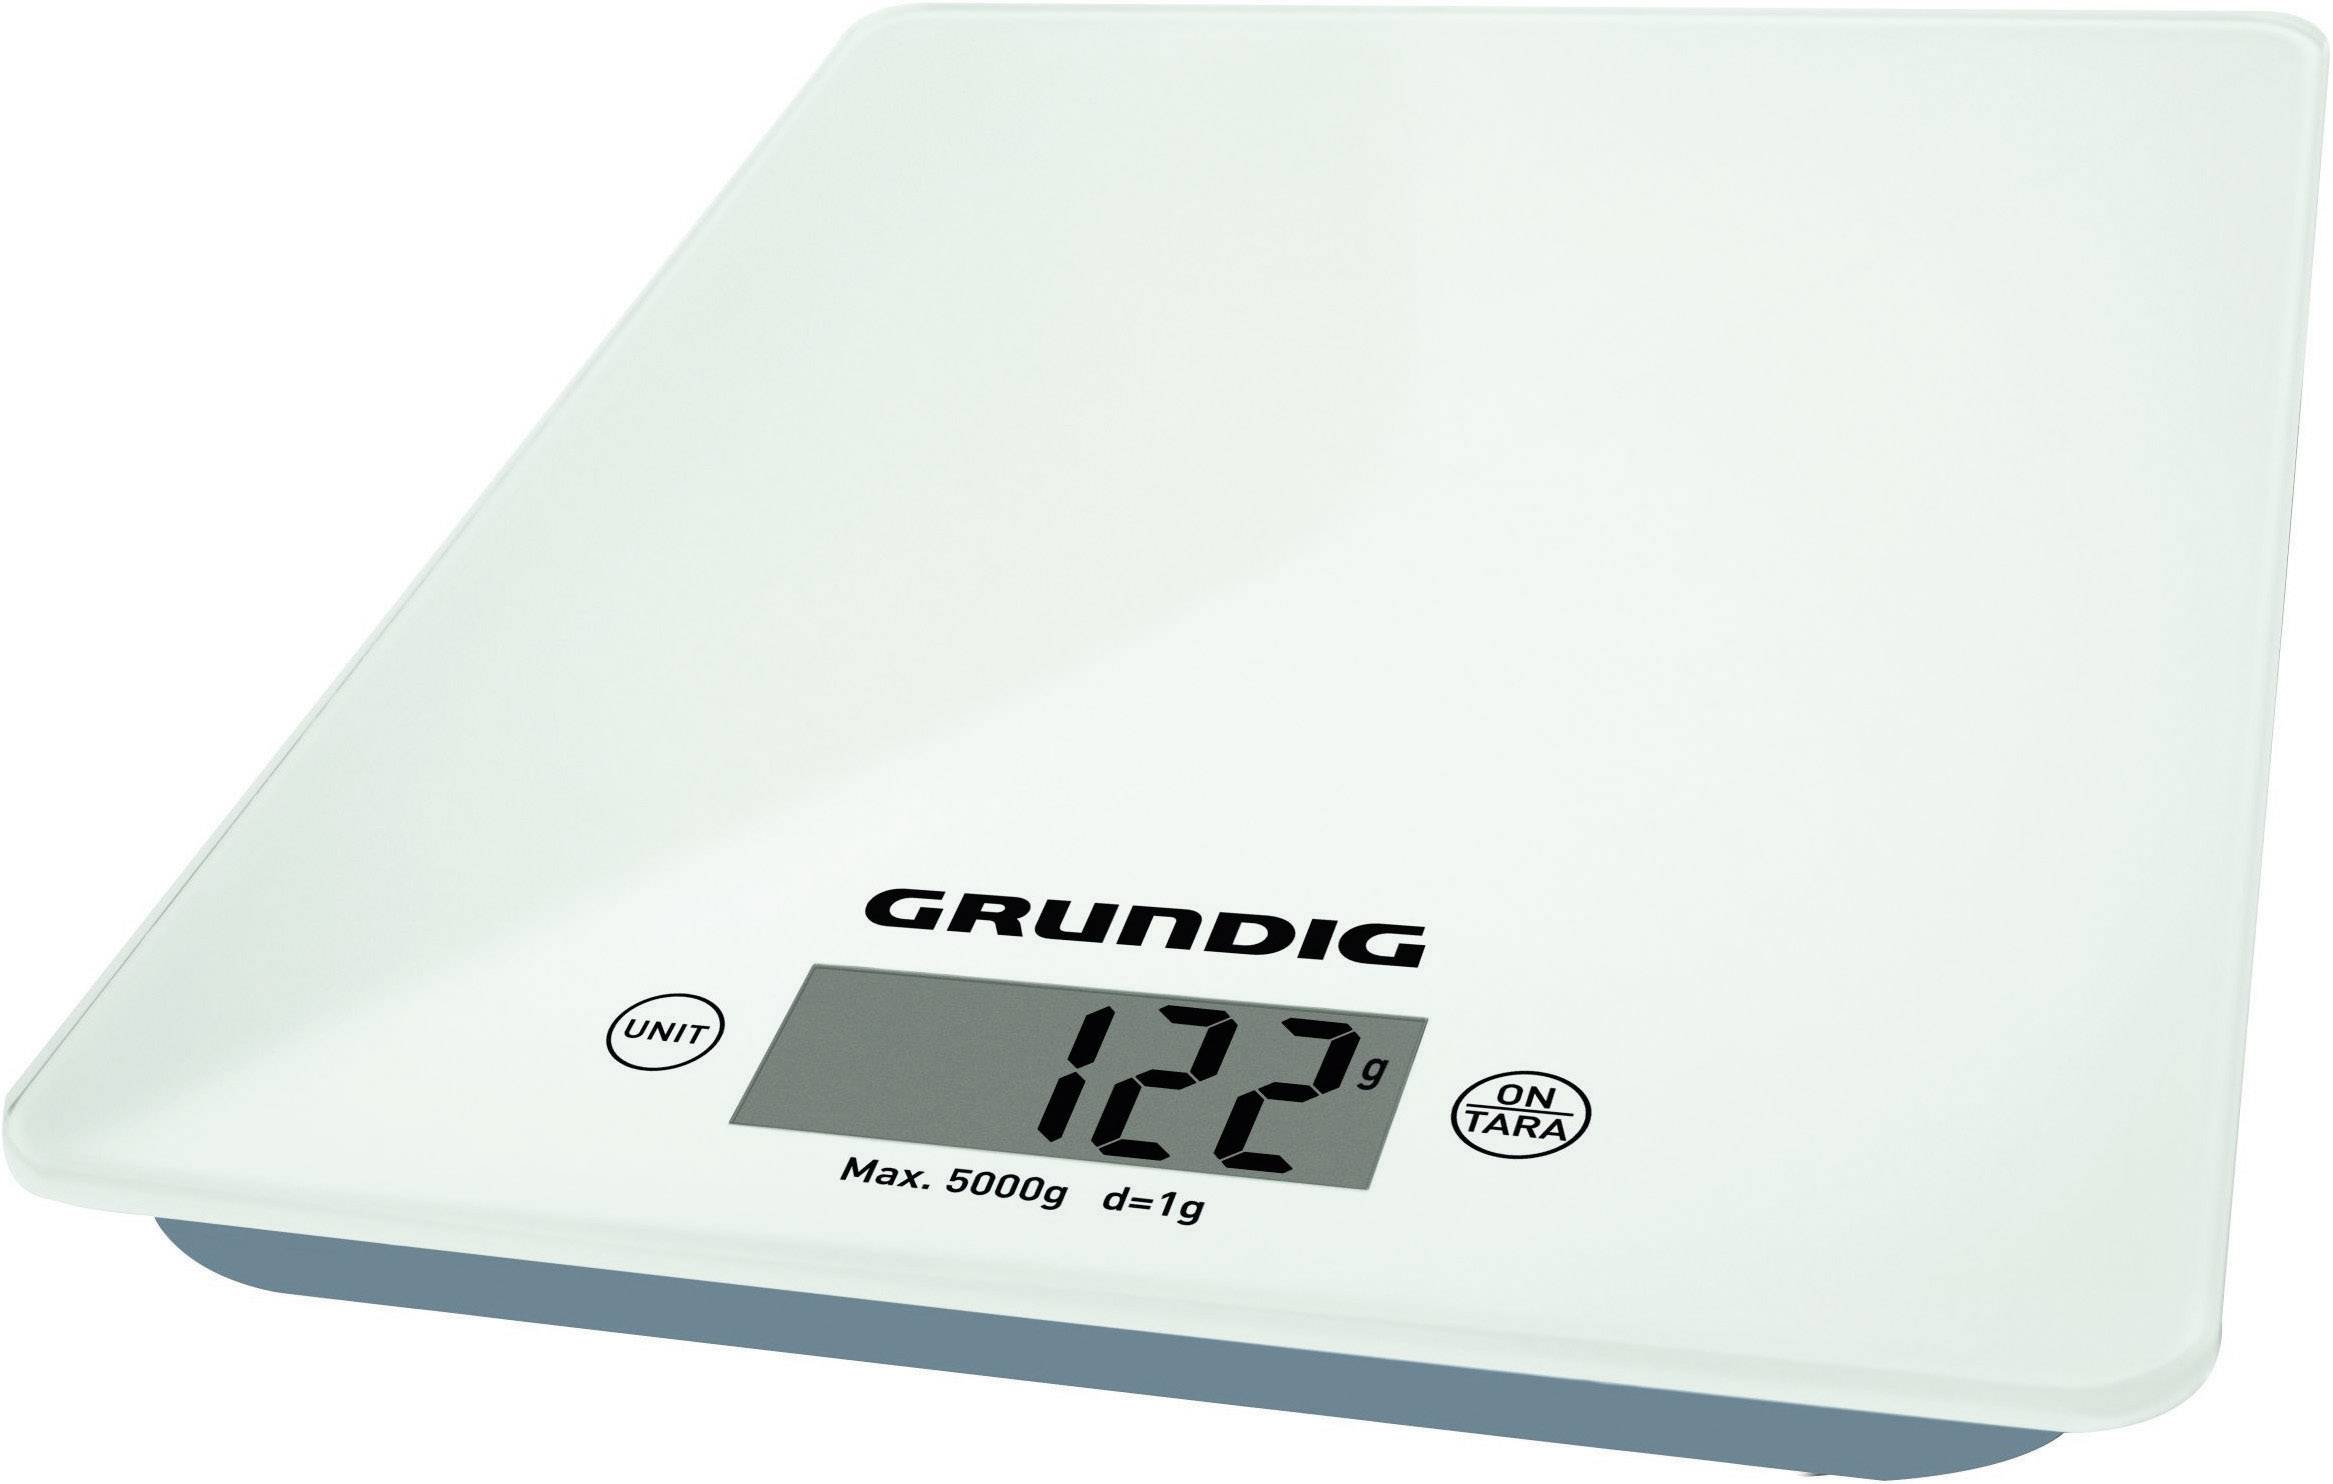 Digitální kuchyňská váha Grundig KW 4060, bílá